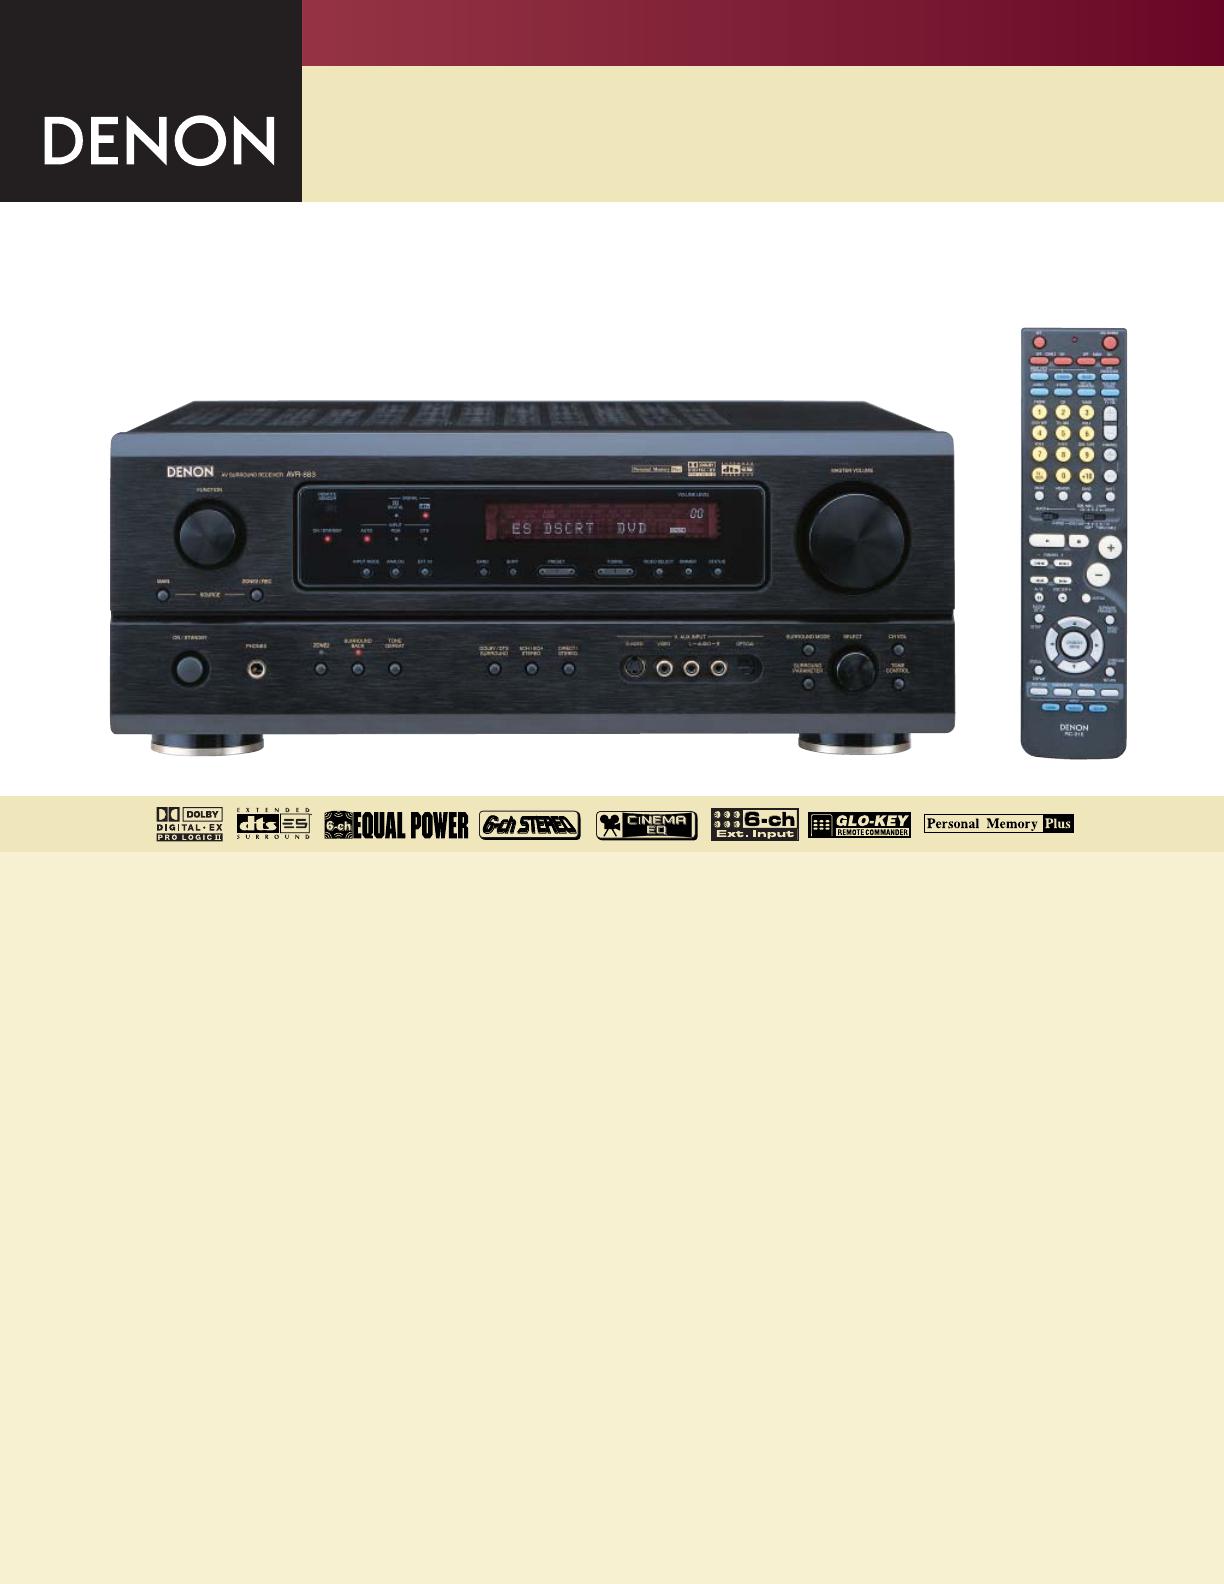 denon stereo system avr 883 user guide manualsonline com rh audio manualsonline com Denon Stereo Amplifier Audio Amp 2200 Denon Power Amps